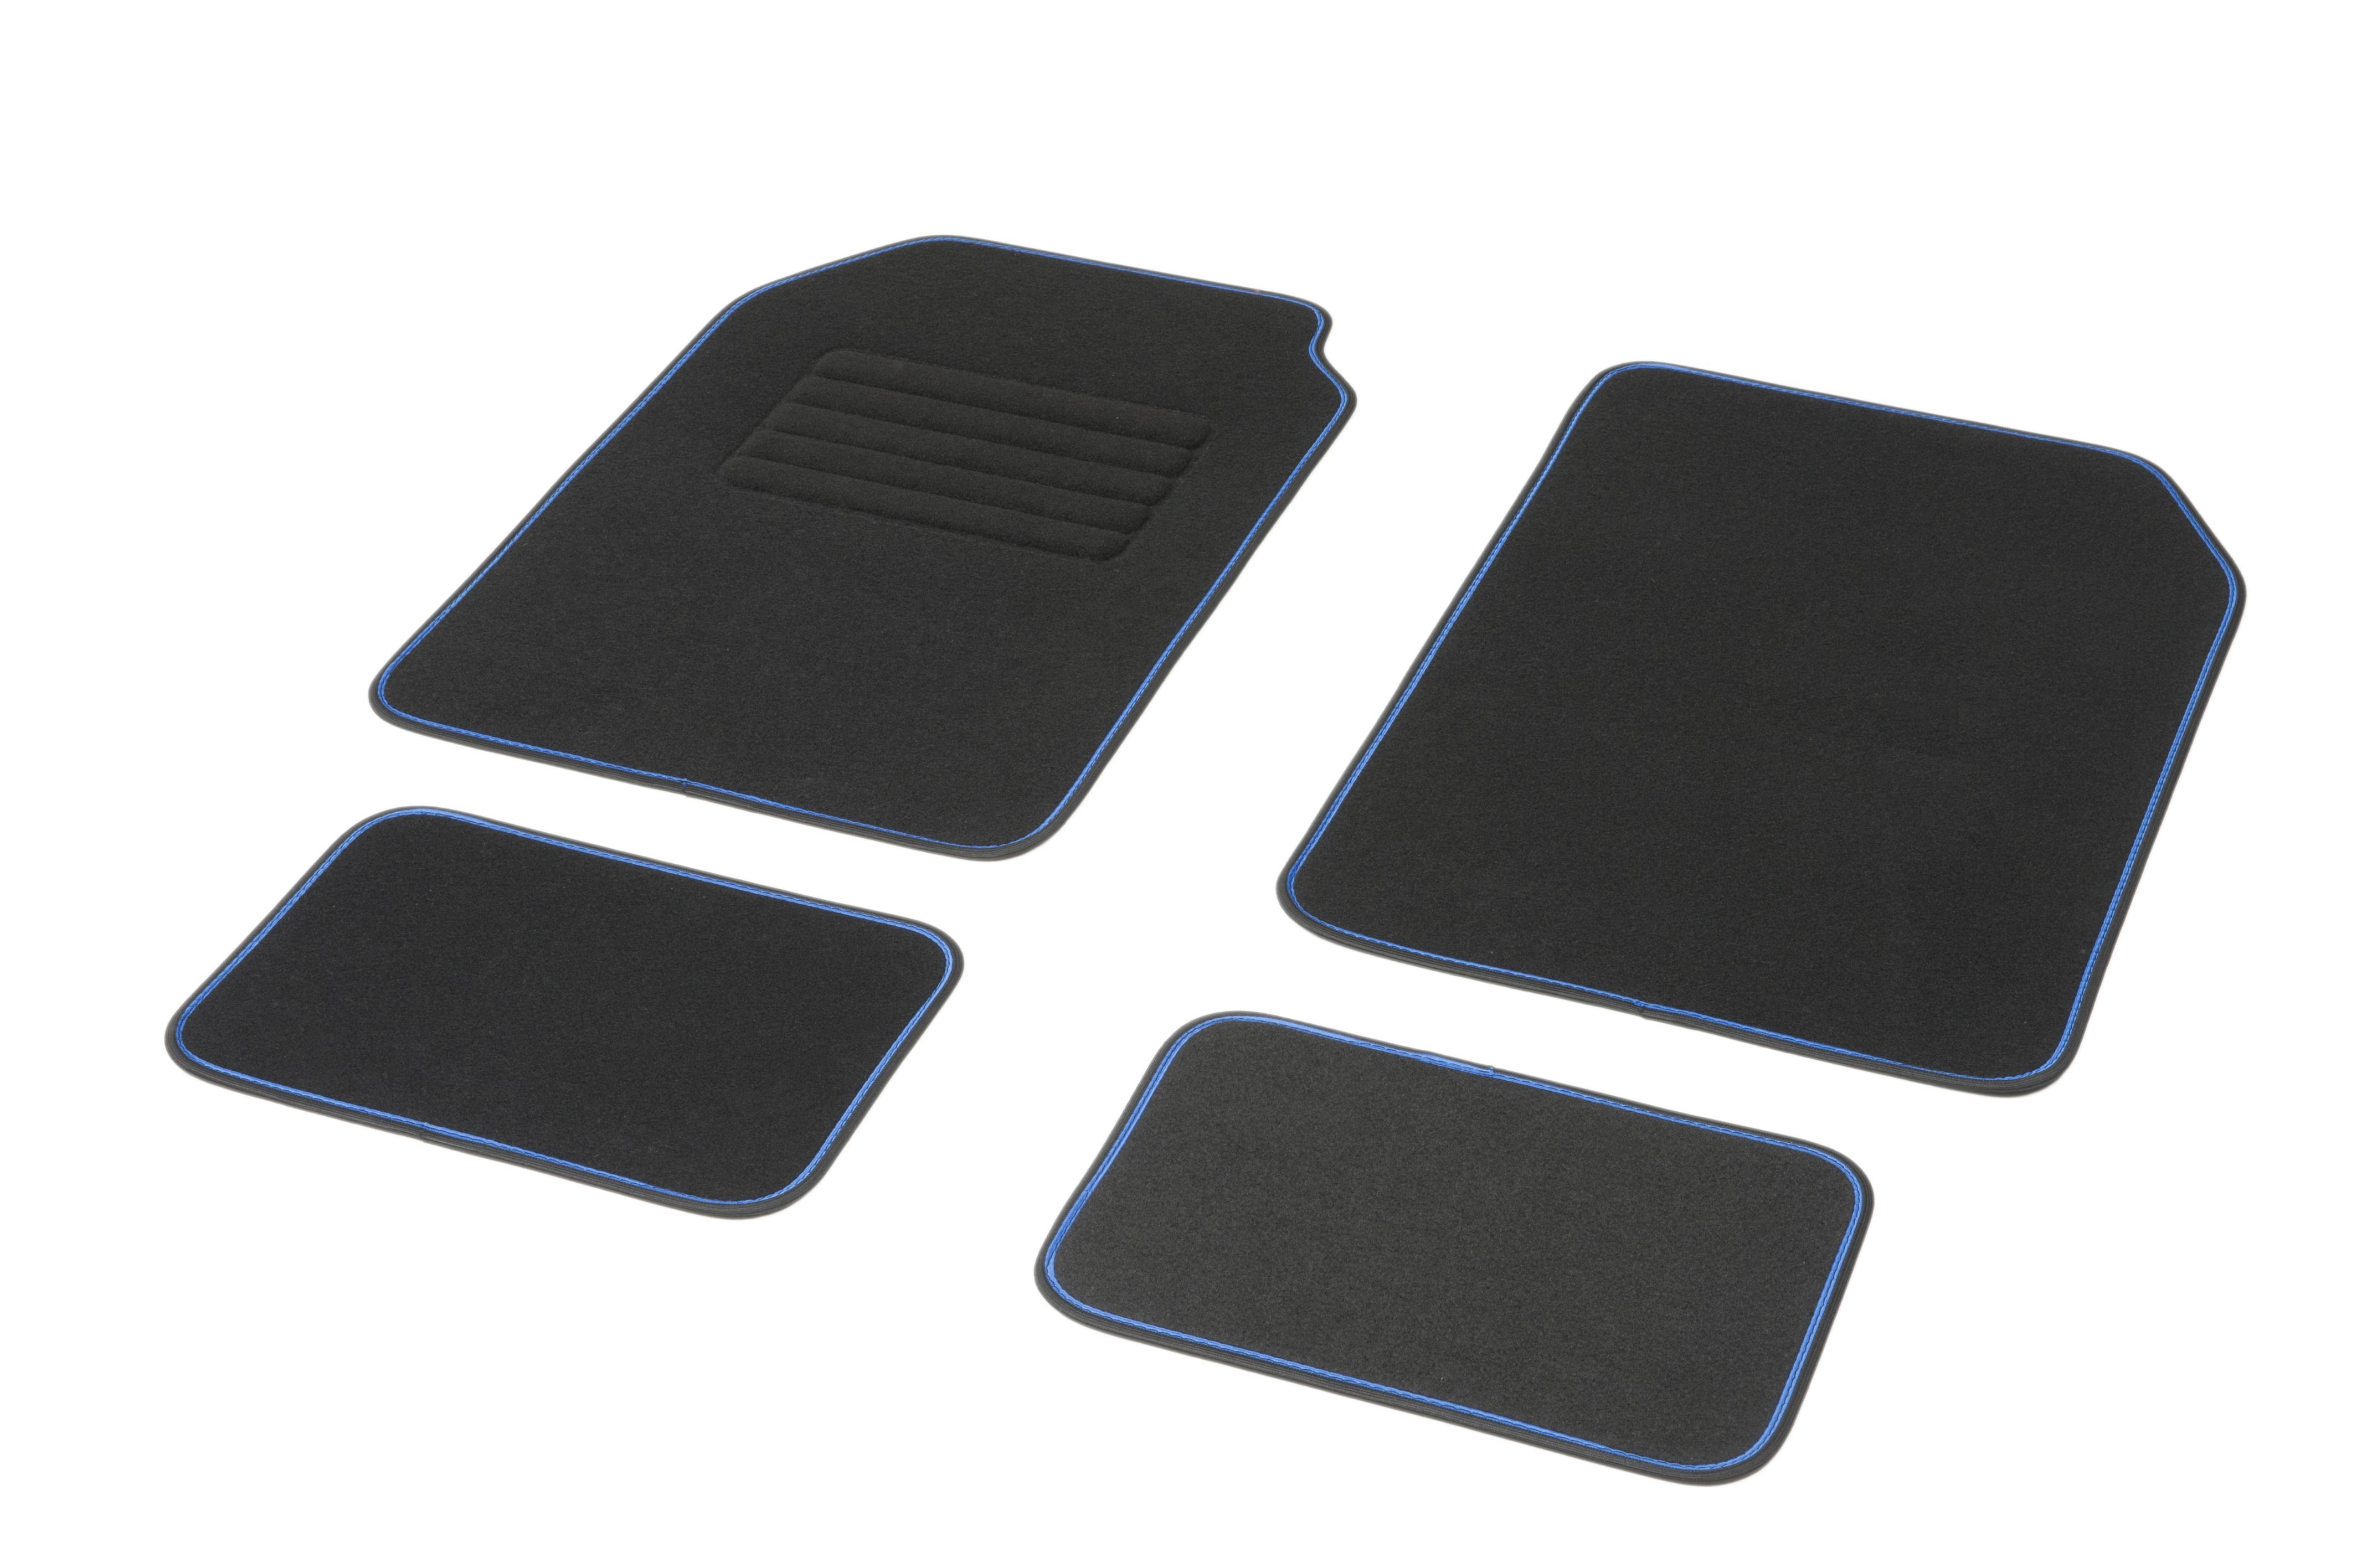 Achat de 01765760 DBS Adaptation universelle, STANDARD Textile, avant et arrière, Quantité: 4, bleu, noir Taille: 72х45 Ensemble de tapis de sol 01765760 pas chères